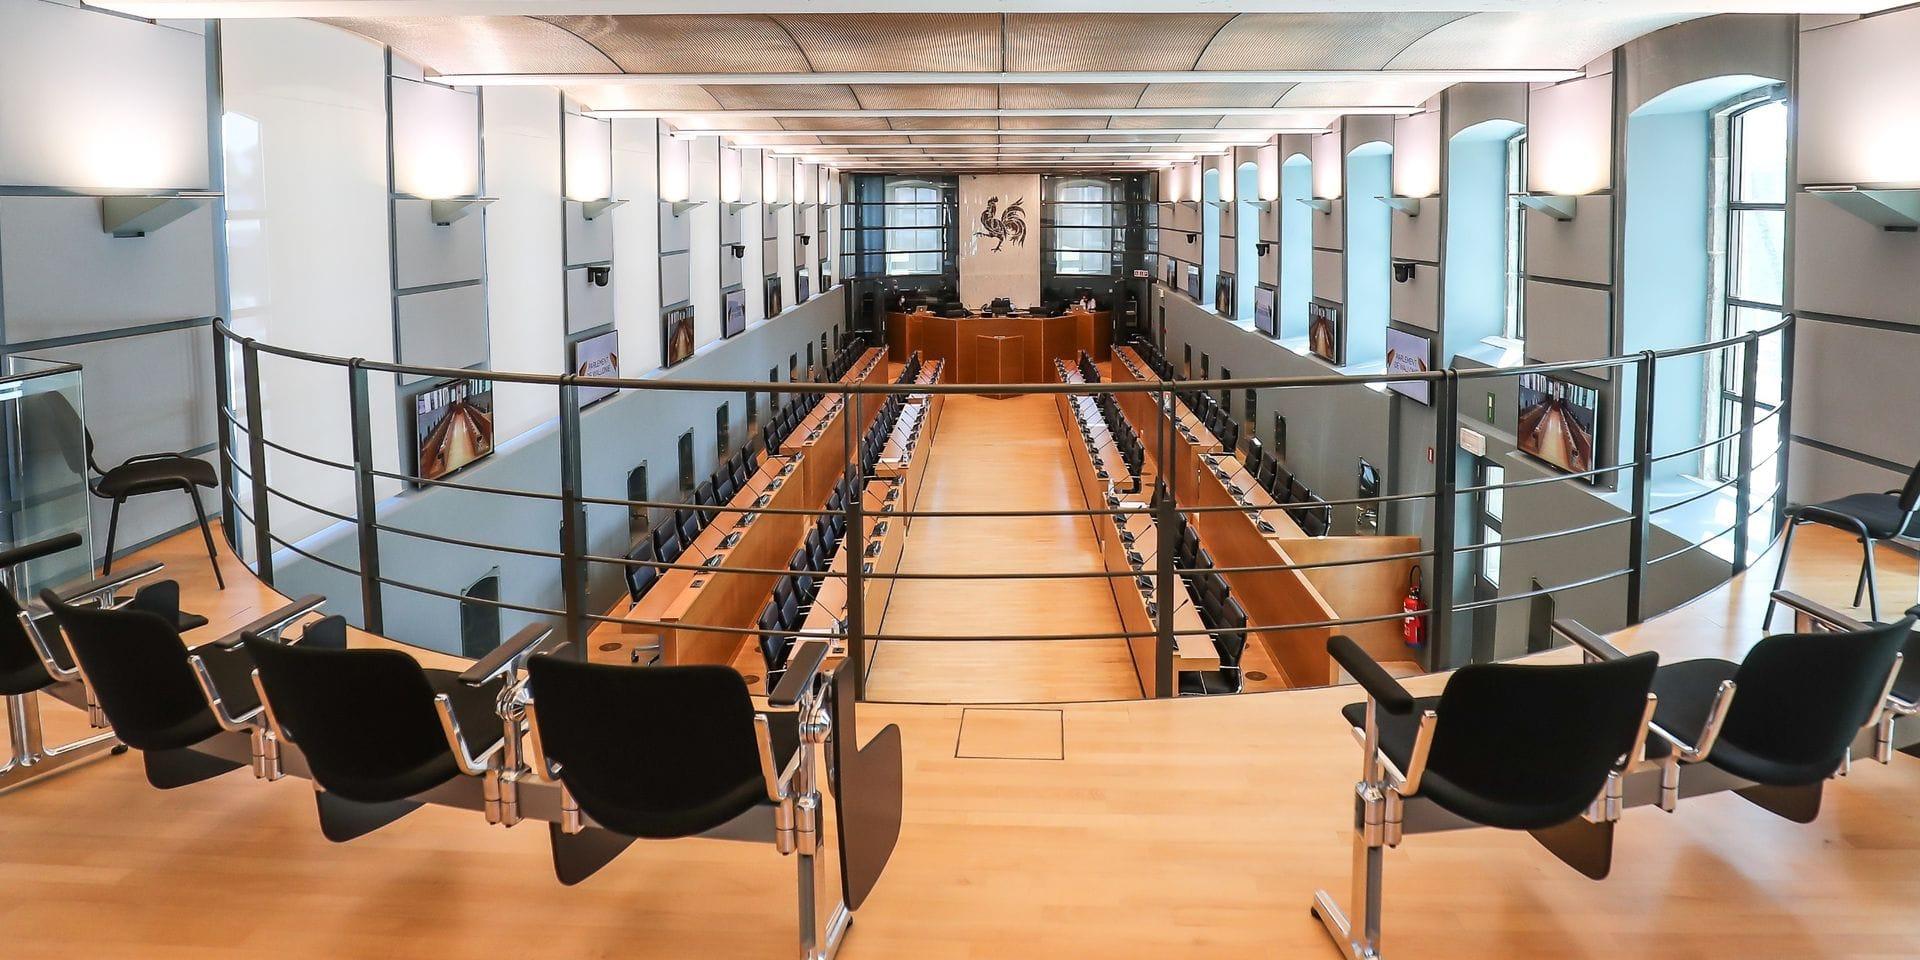 236 recommandations pour éviter une autre crise sanitaire en Wallonie